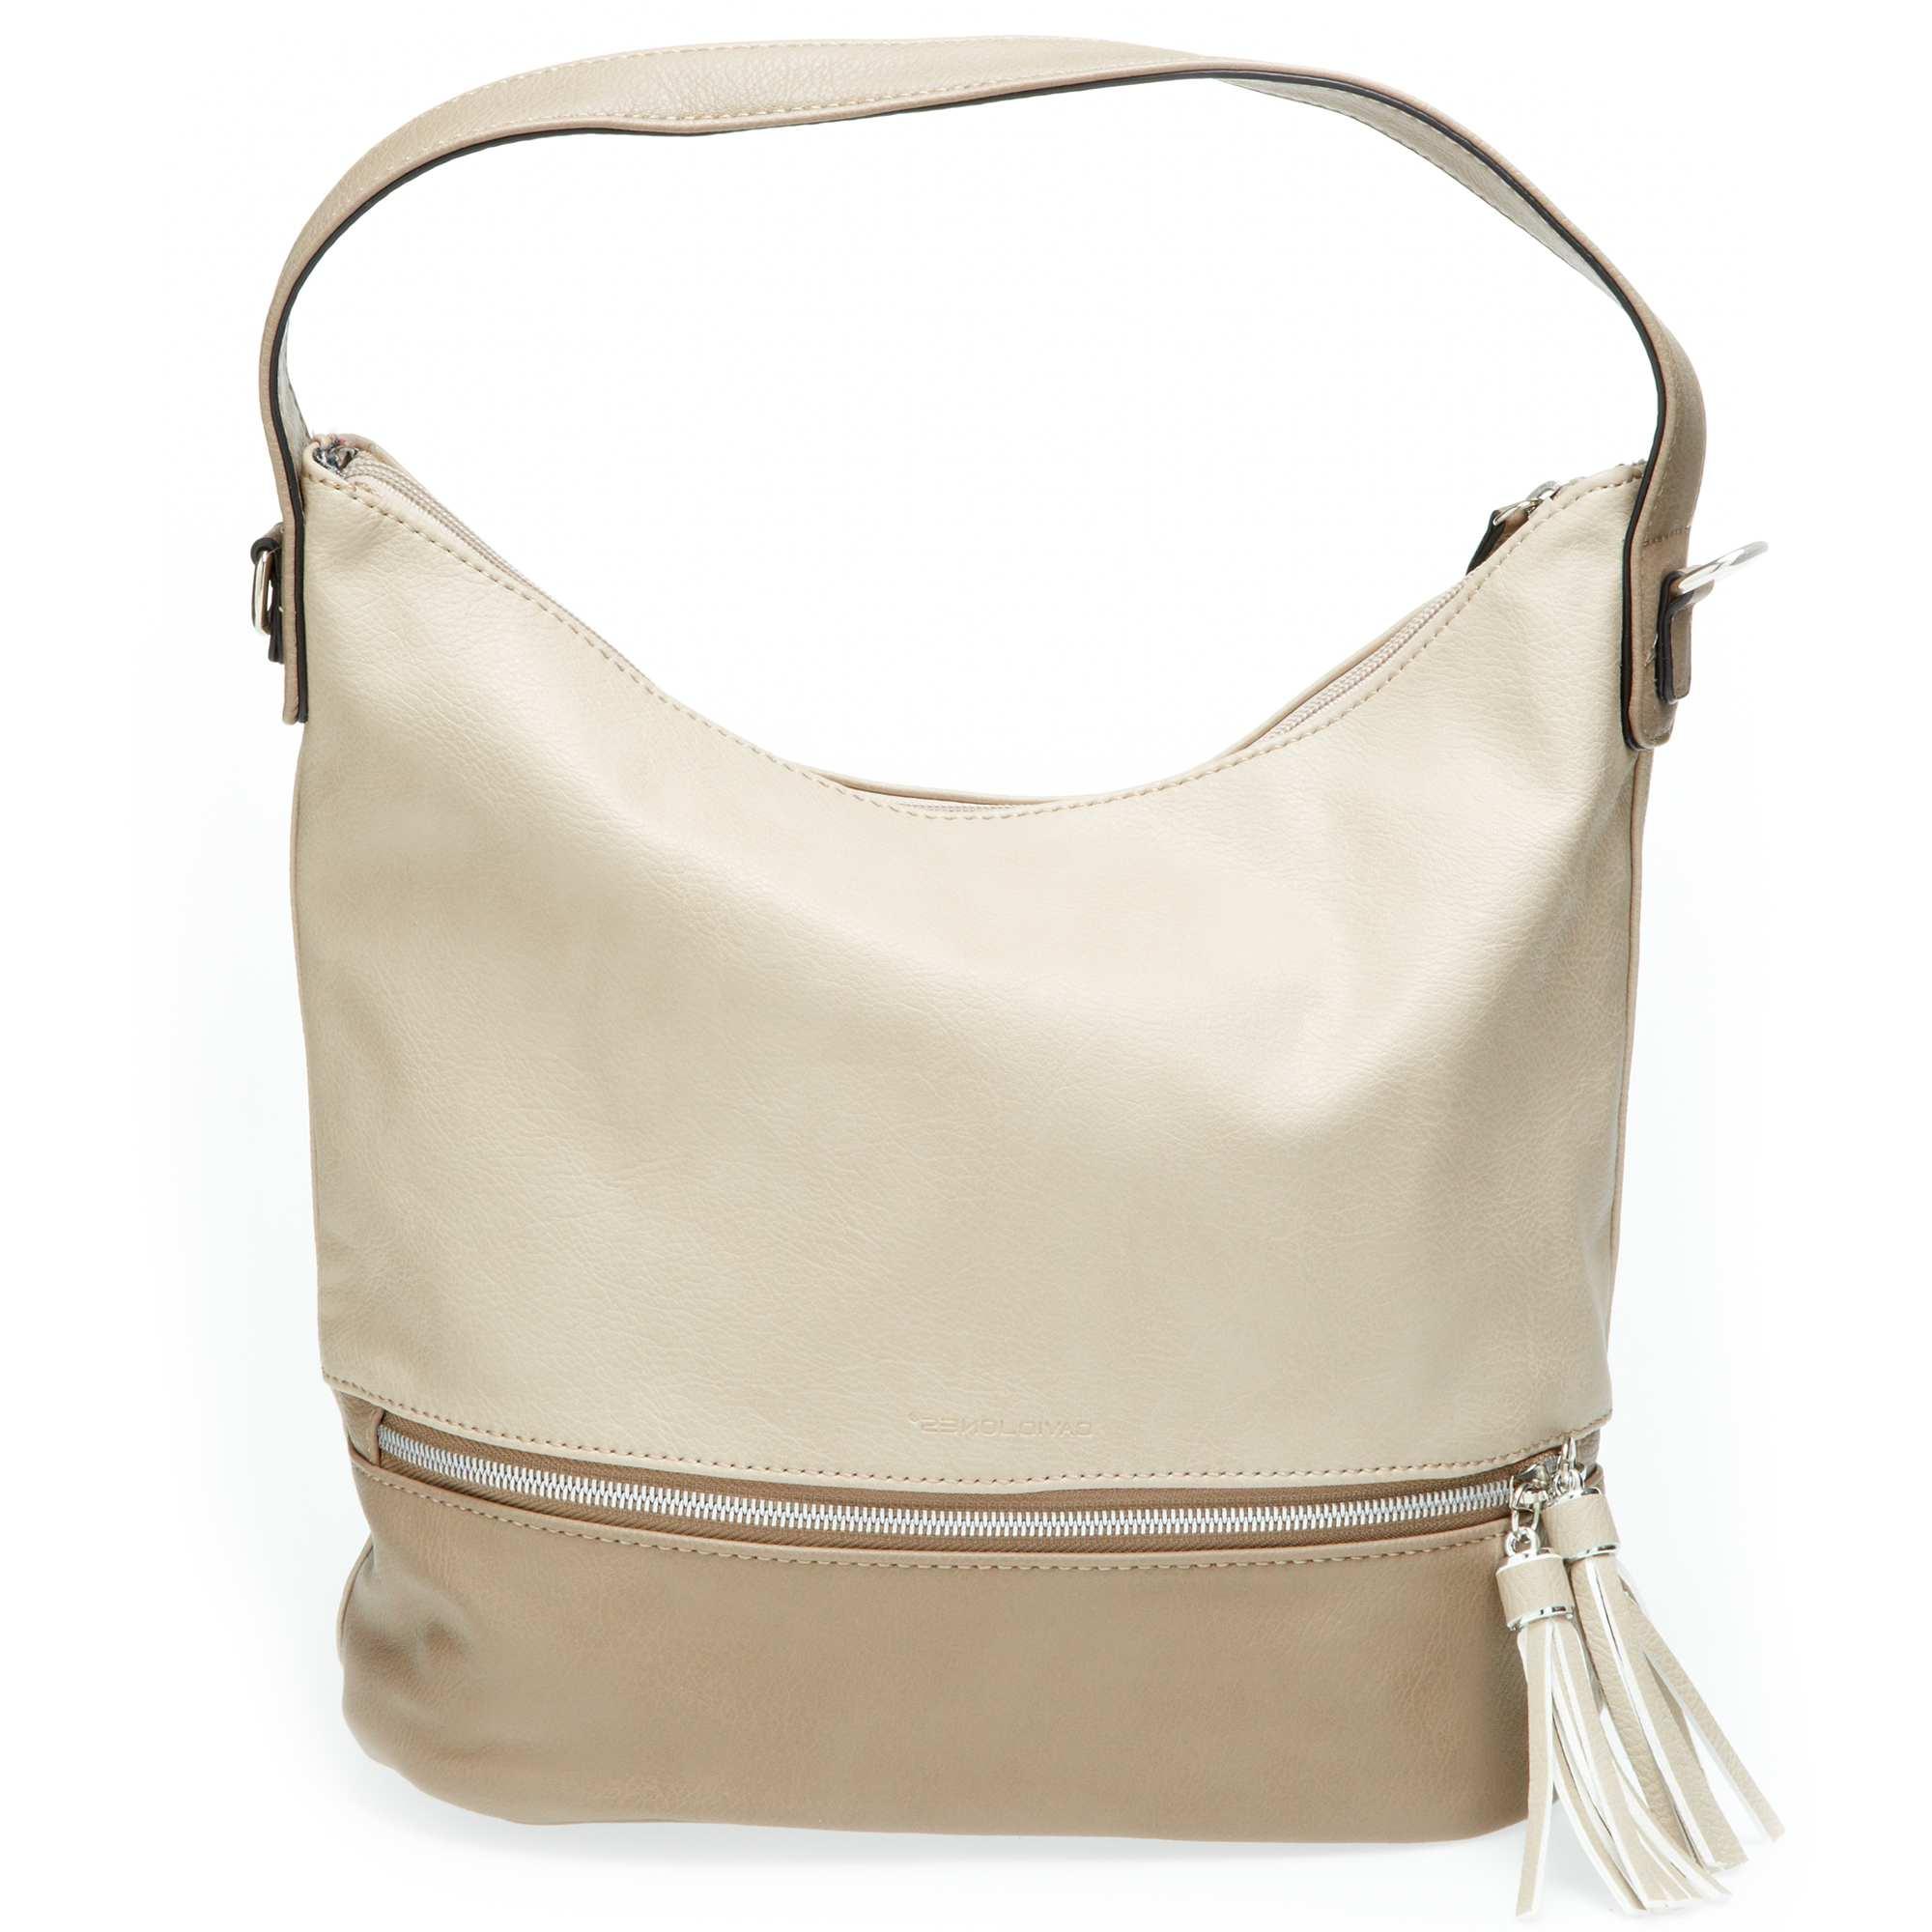 hobo handbag coach handbag outlet fendi handbag